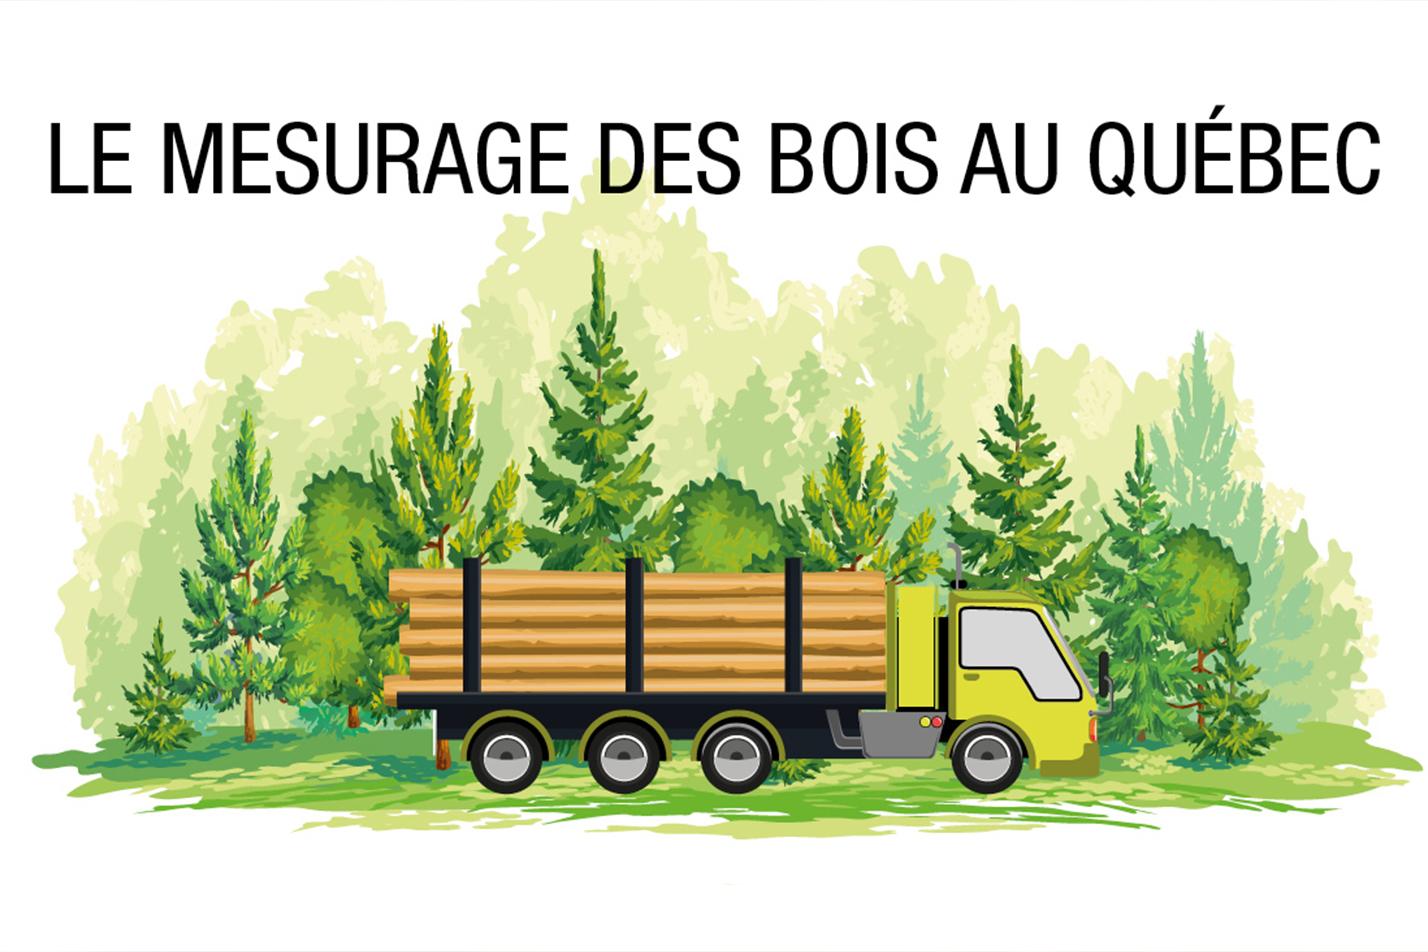 Camion chargé avec du bois rond en route vers le mesurage